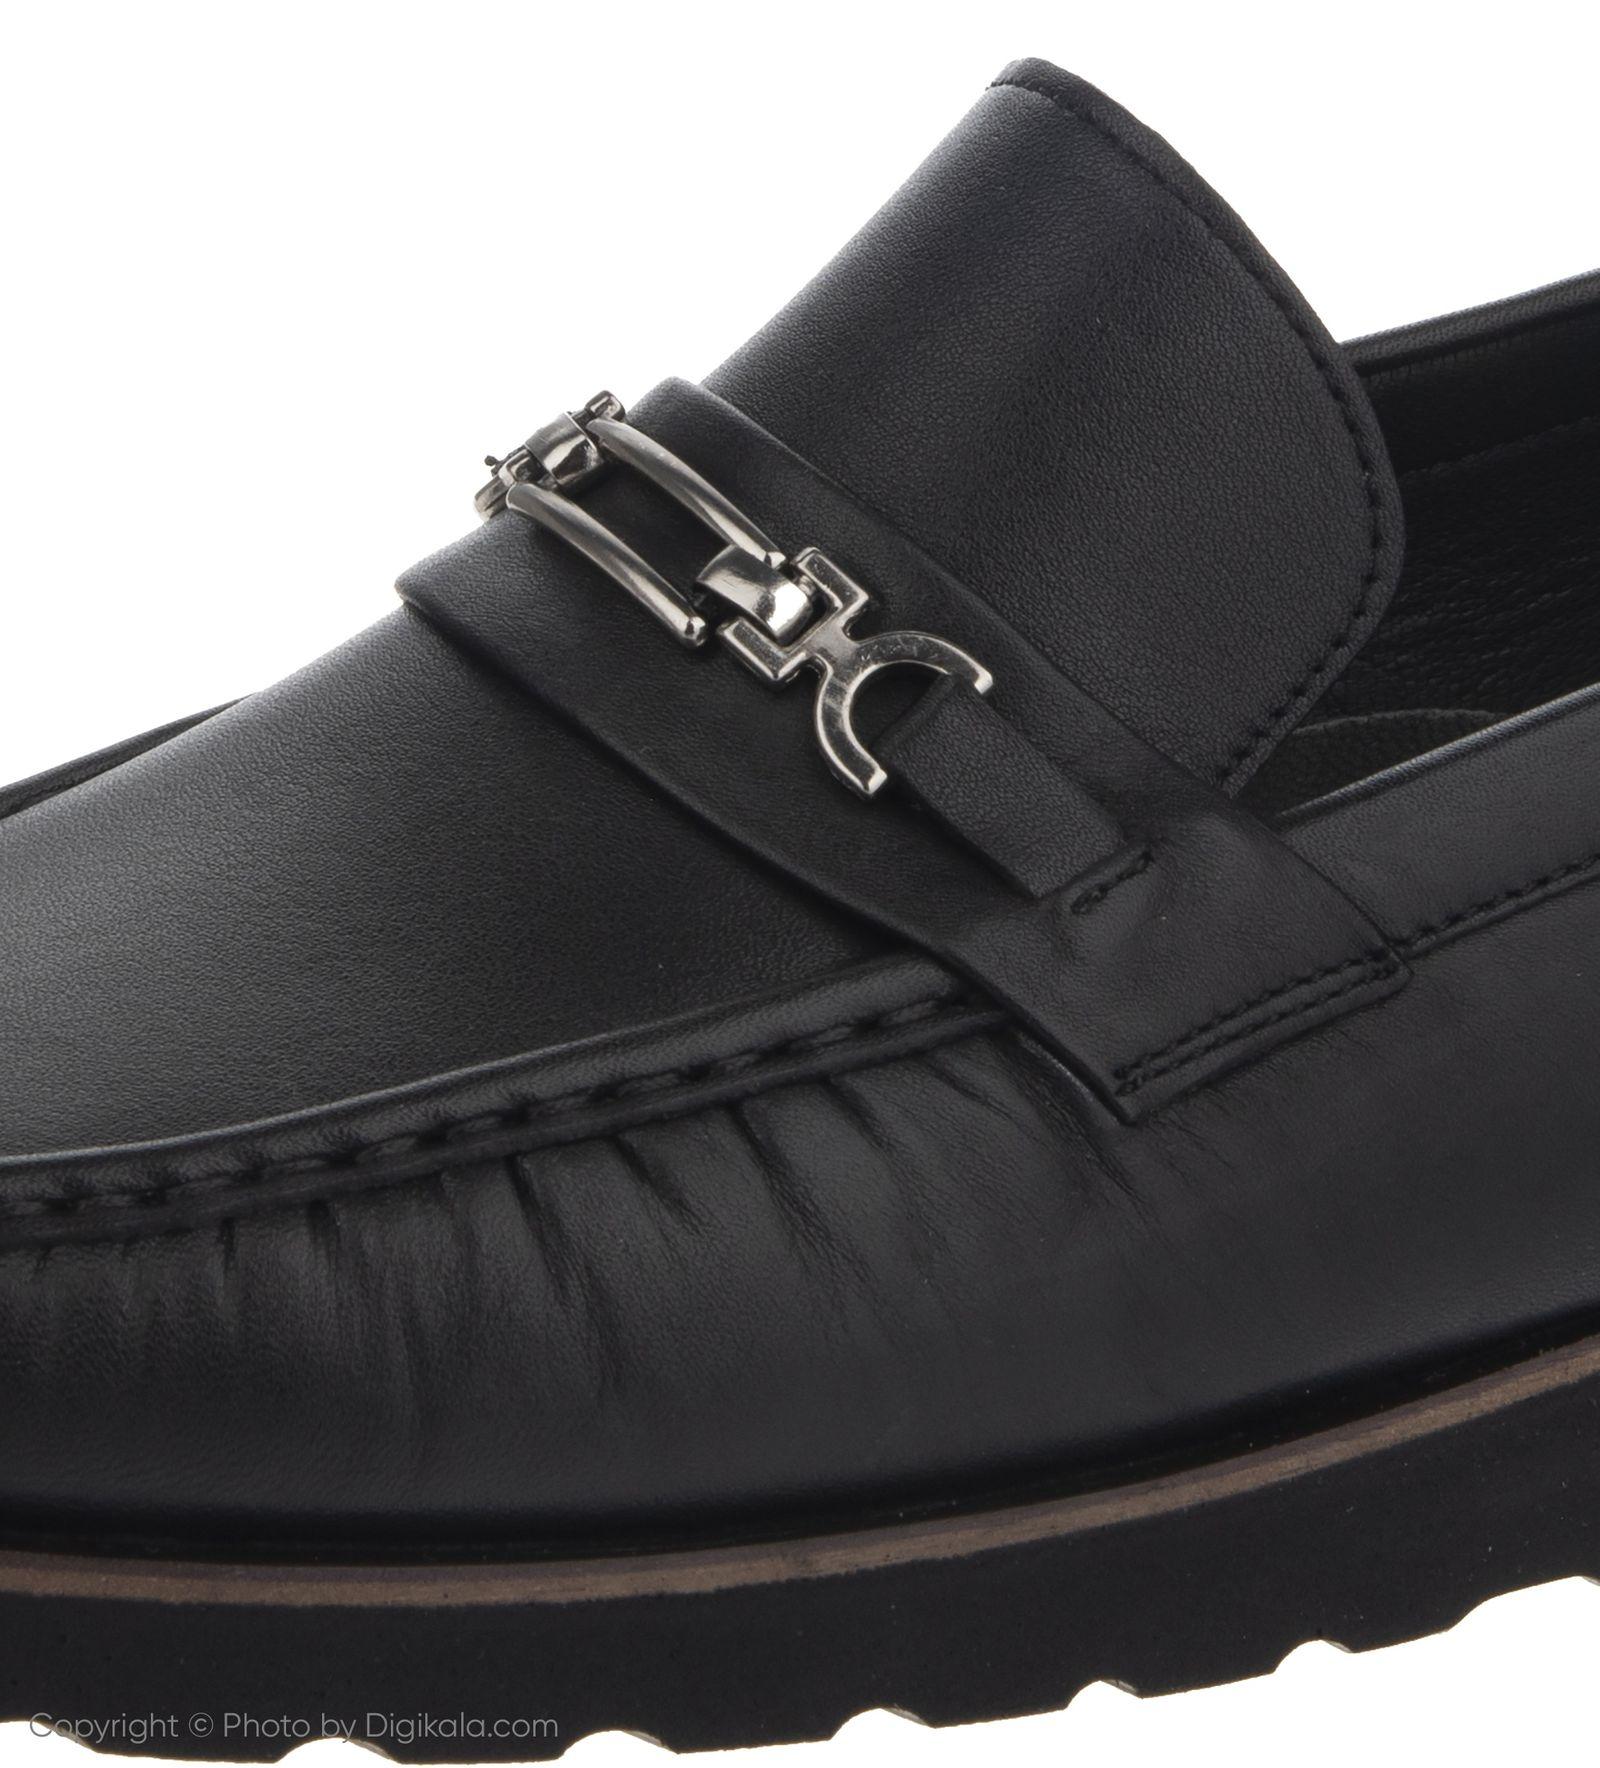 کفش مردانه گاندو مدل 711-99 - مشکی - 6